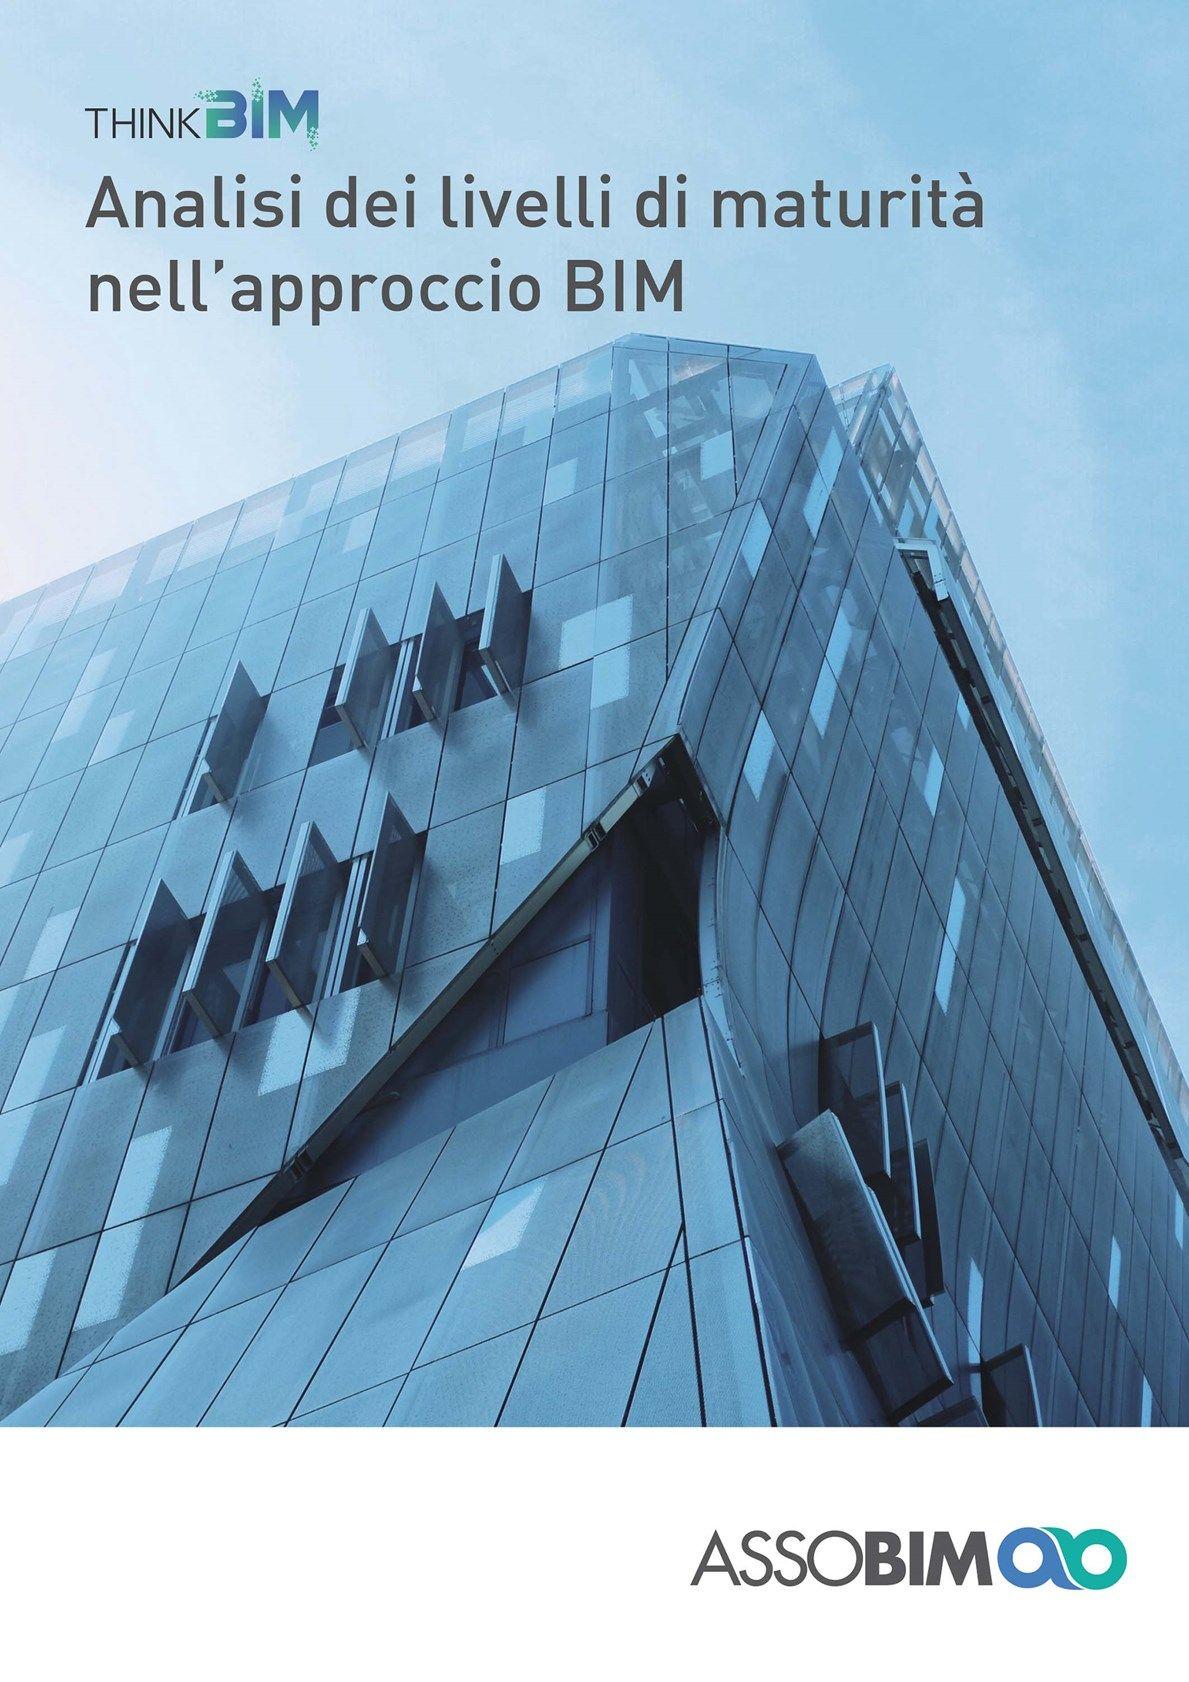 ASSOBIM pubblica l'e-book 'Analisi dei livelli di maturità nell'approccio BIM'